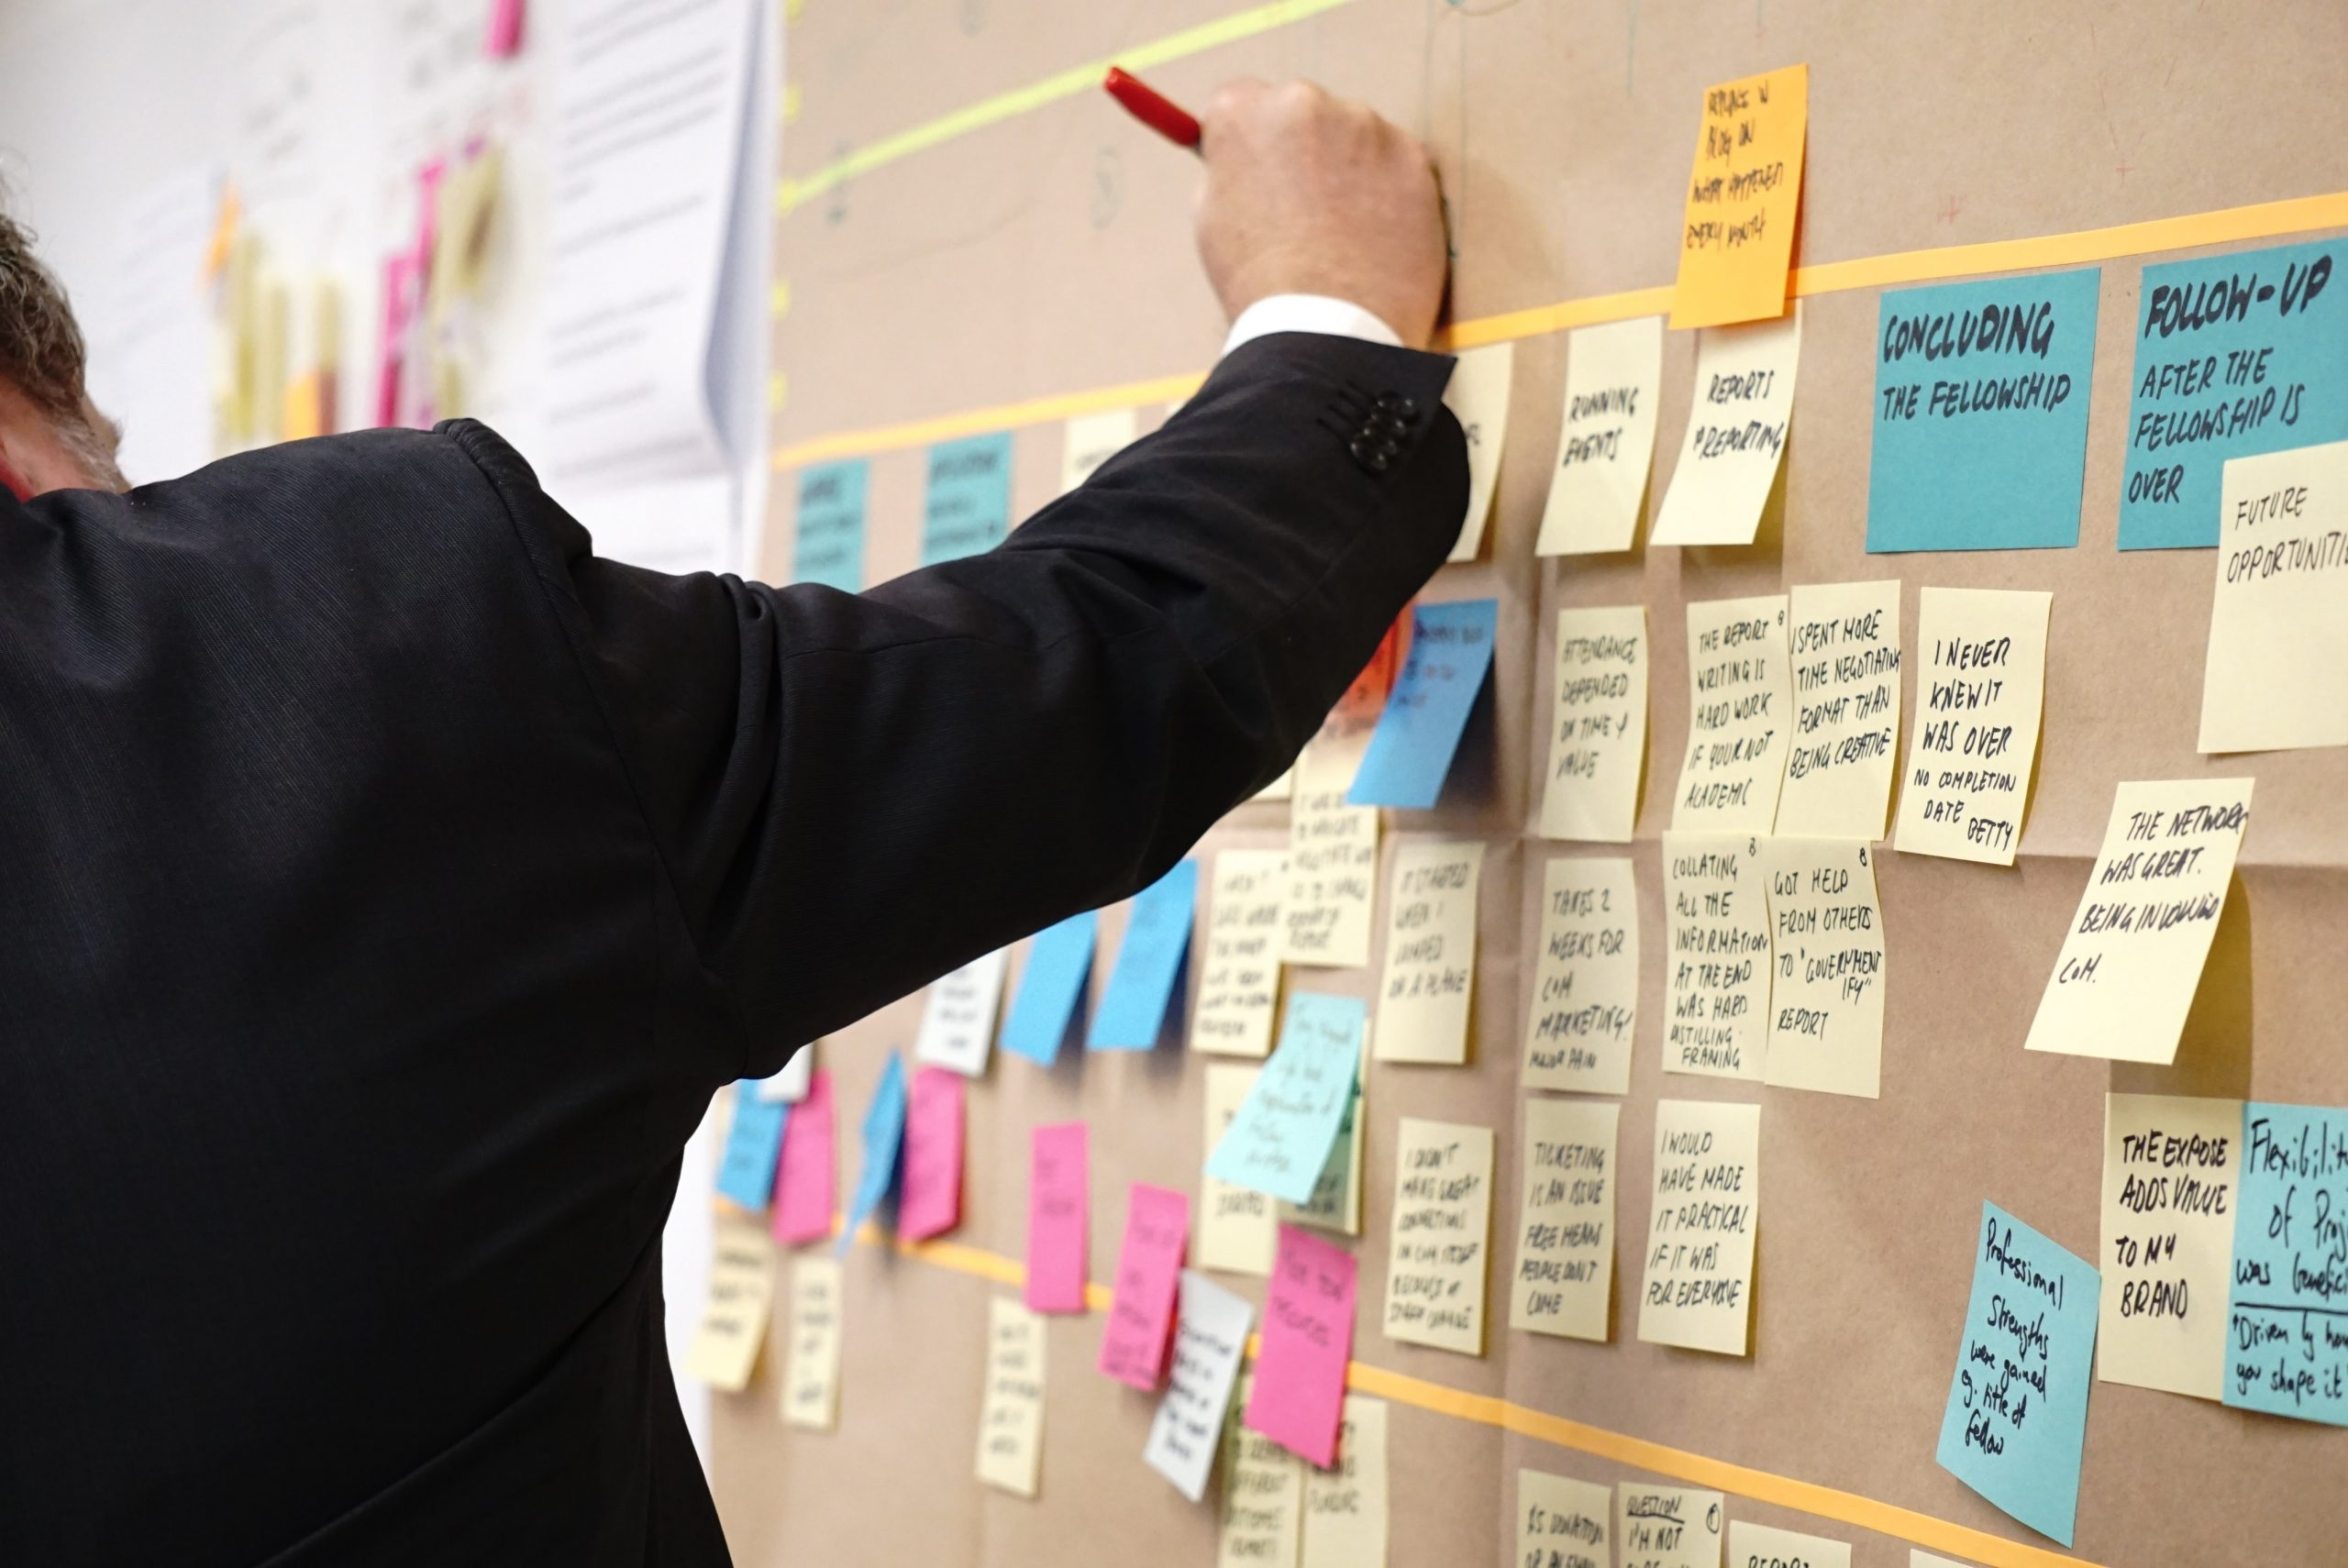 Muur met postit briefjes en projectplanning